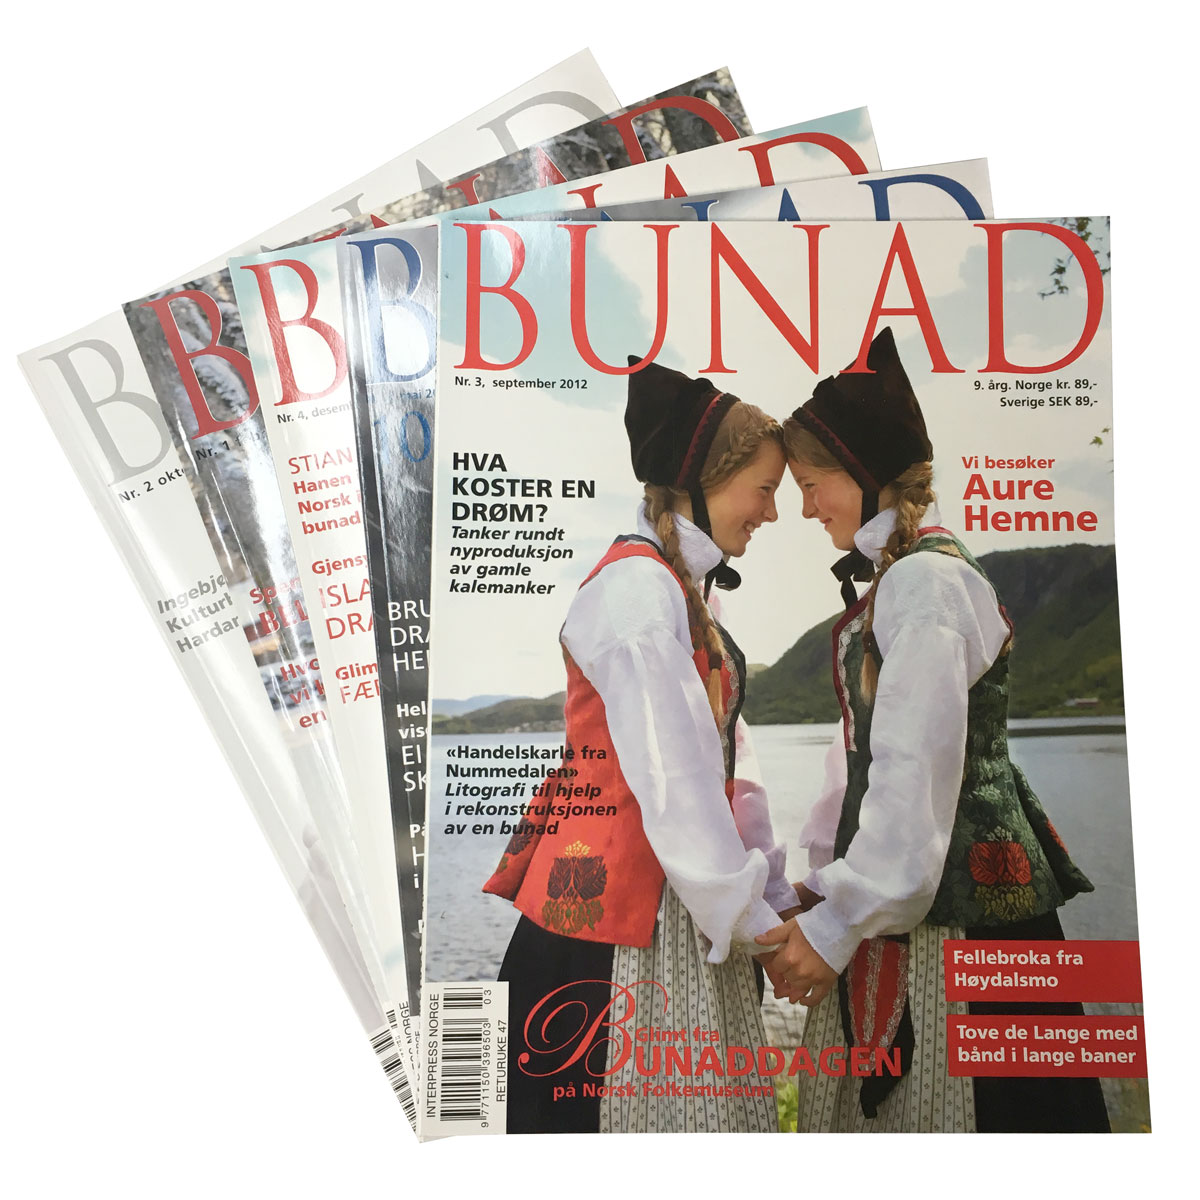 Abonnement + Trøndelag-bundle